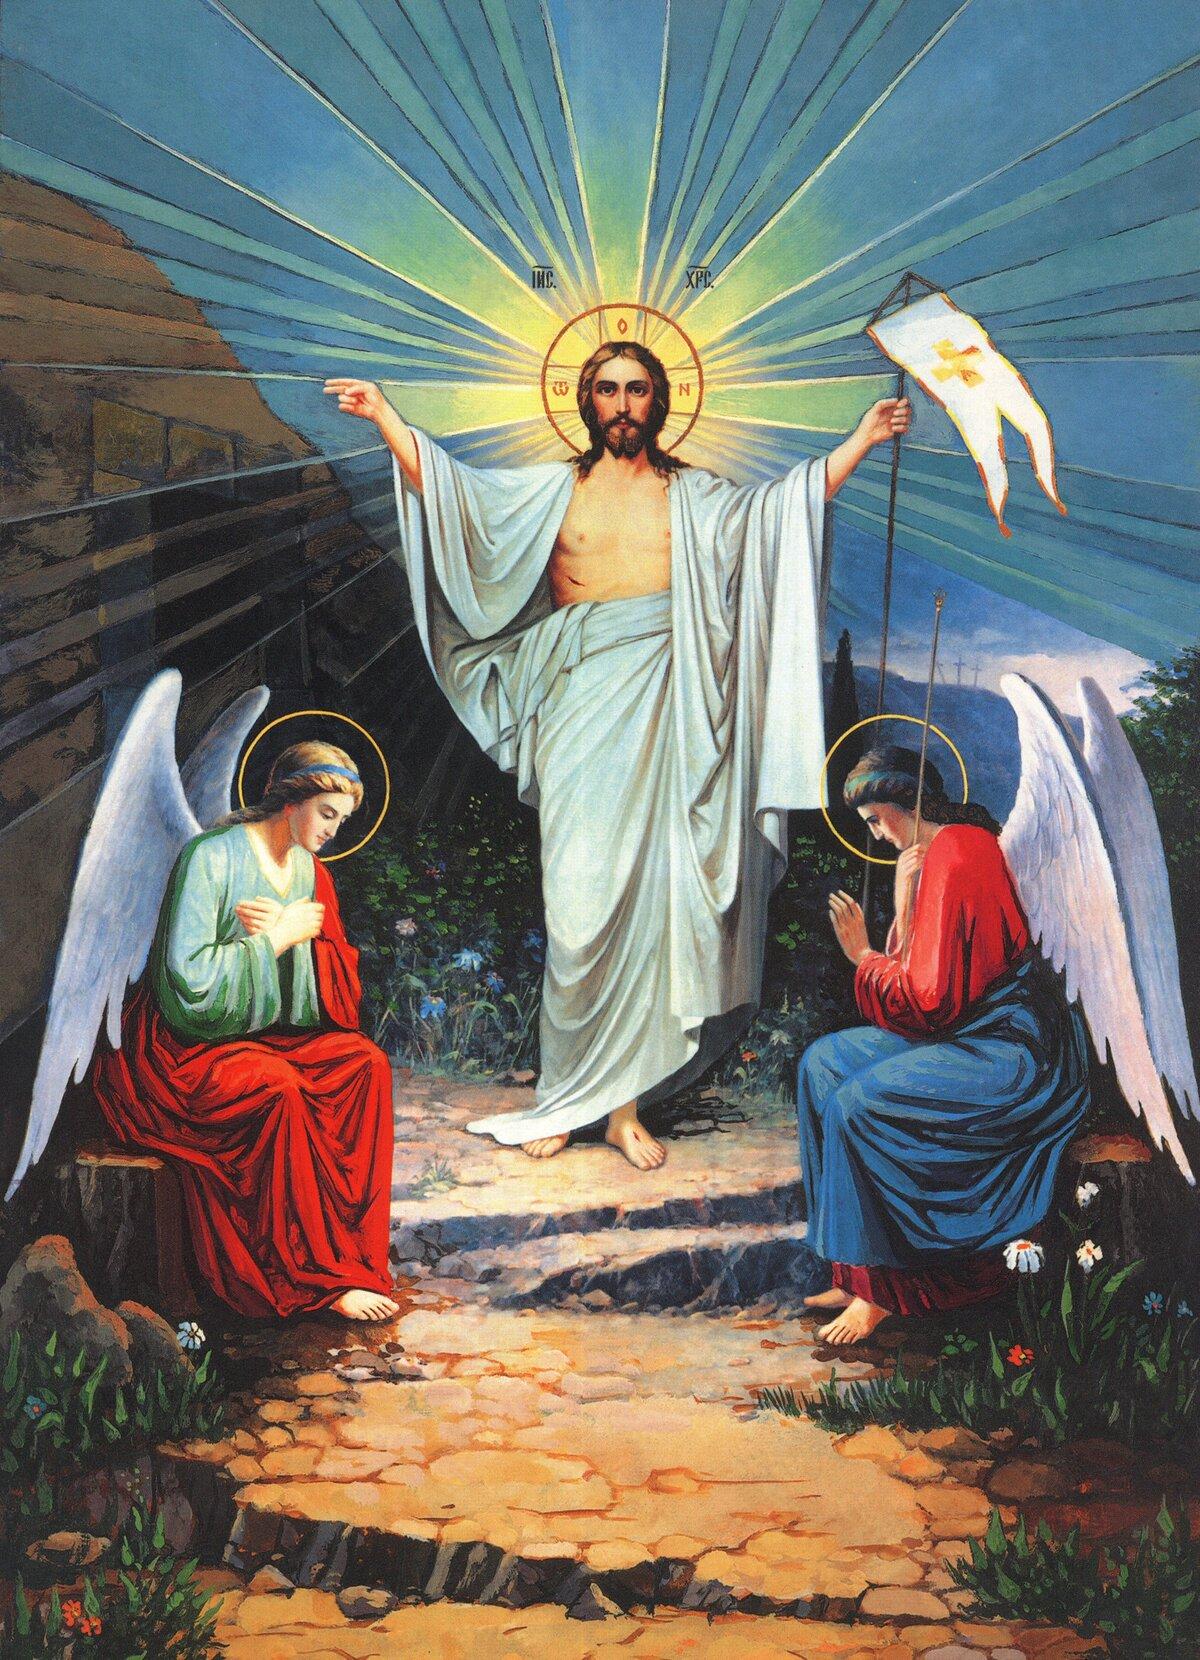 Картинки с христовым воскресением, открытку улице музыкальная